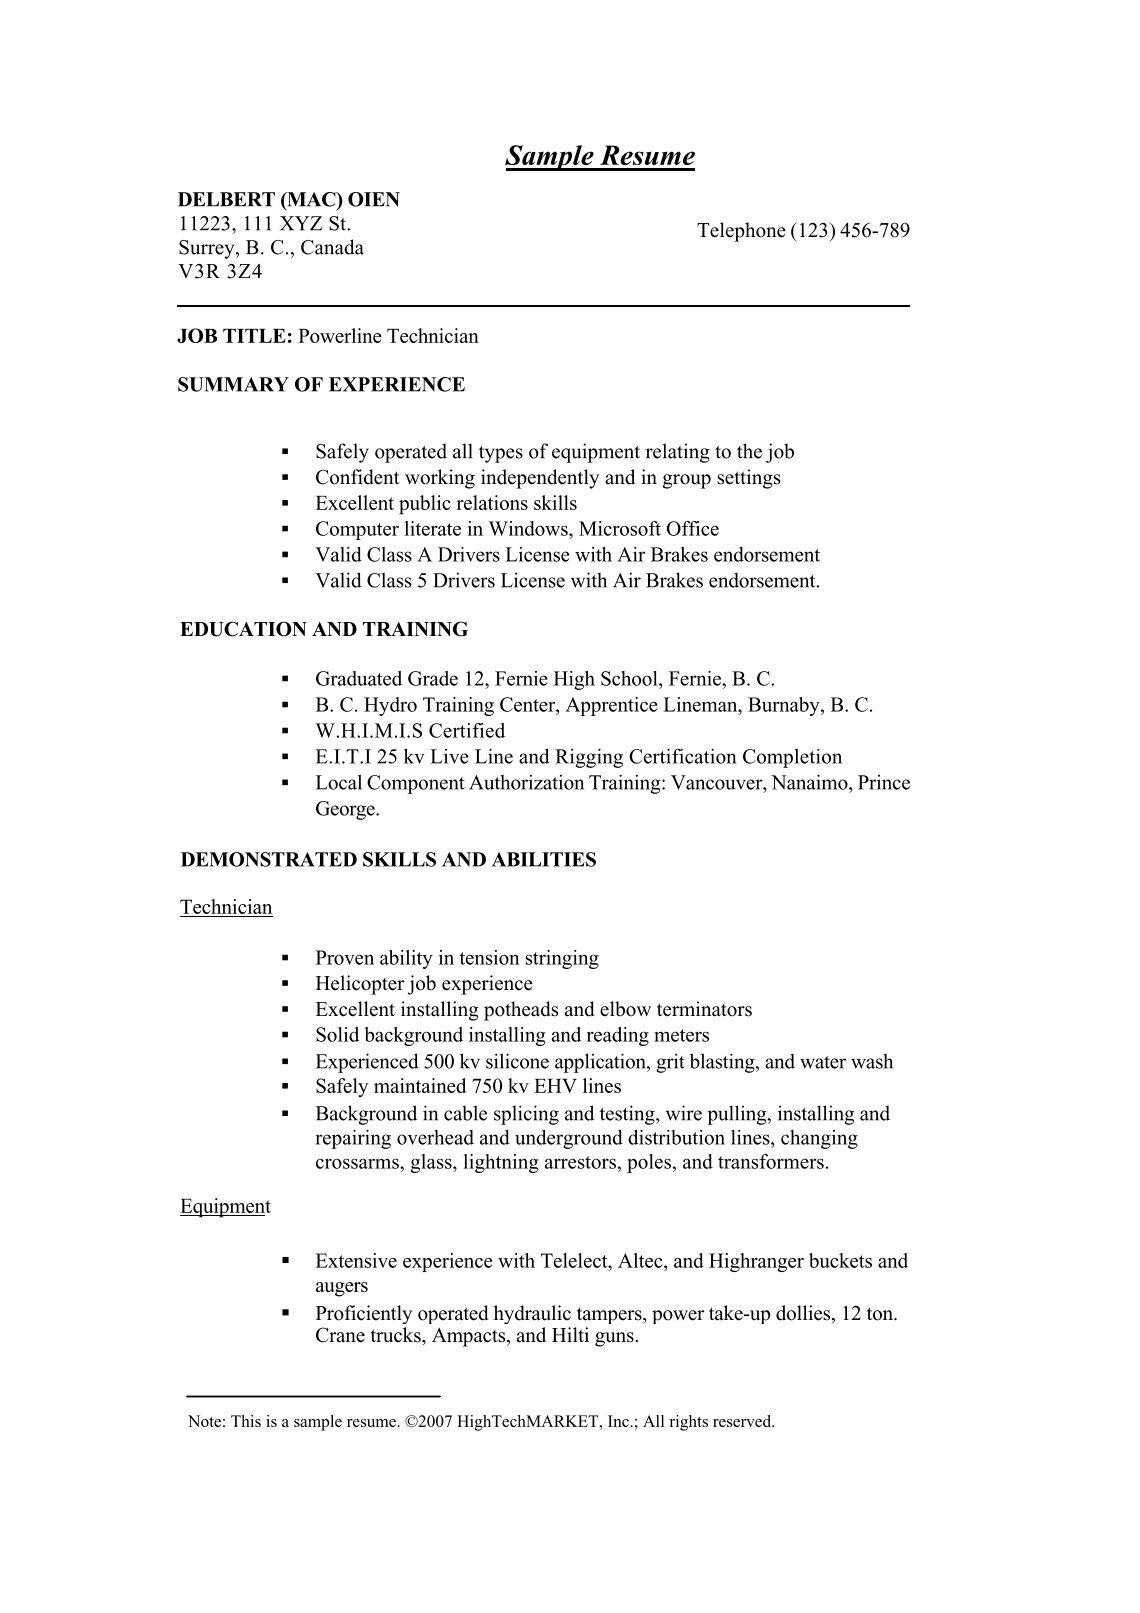 fancy etl tester resume doc sketch documentation template example - Etl Tester Resume